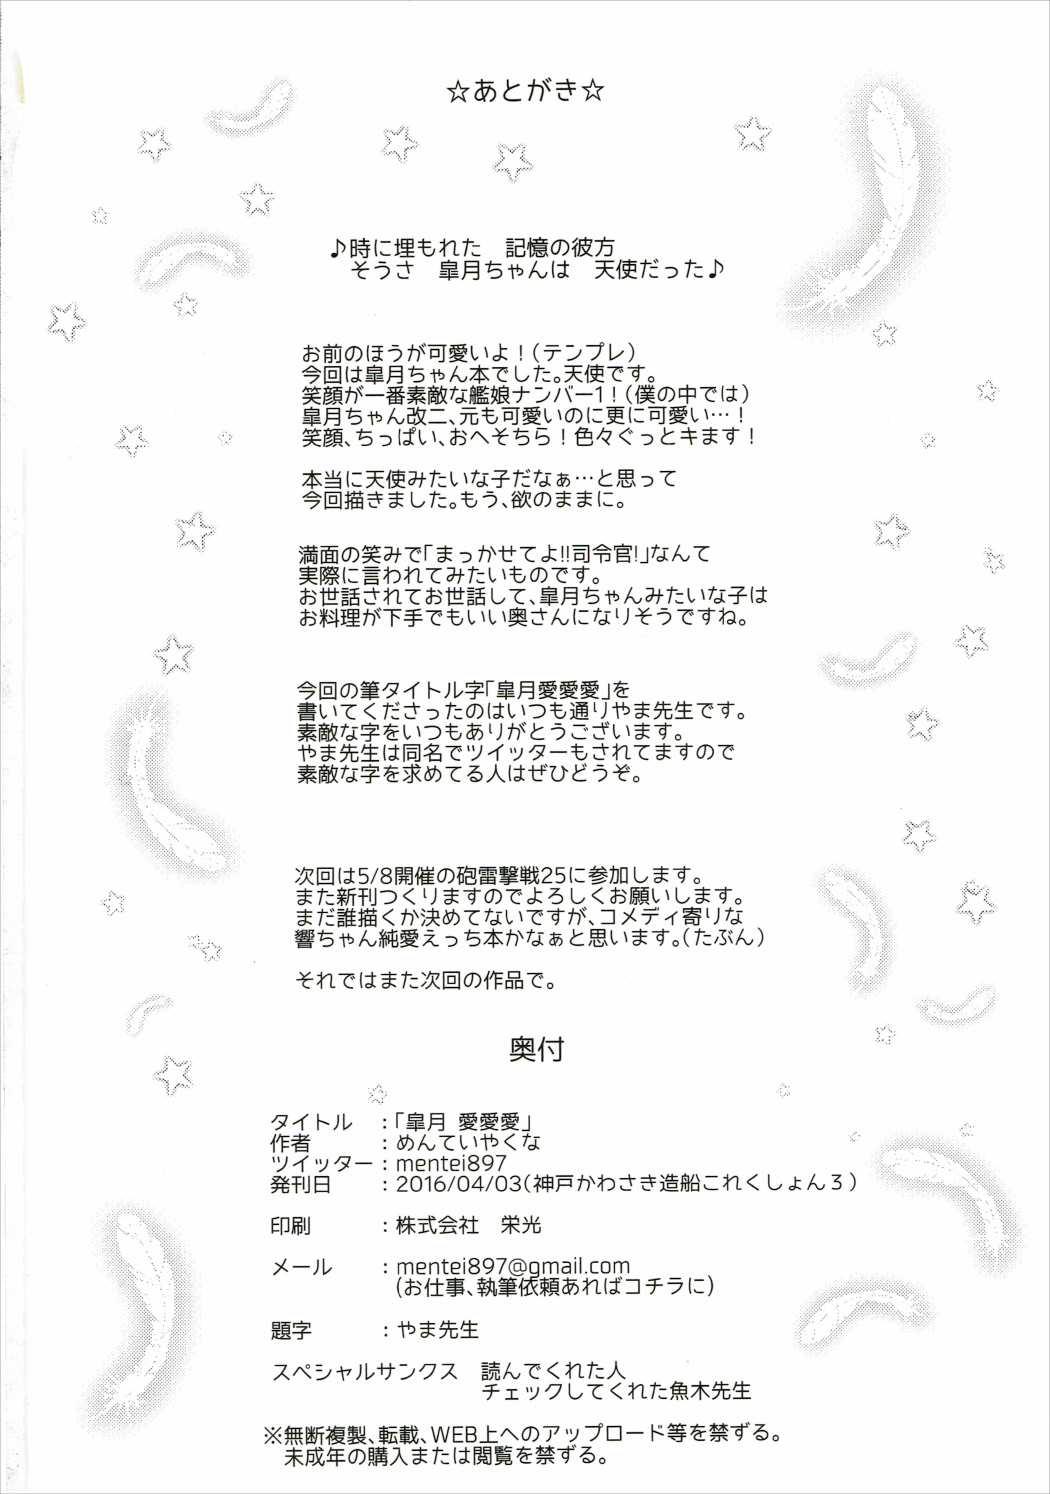 Hình ảnh  trong bài viết Satsuki Ai Ai Ai